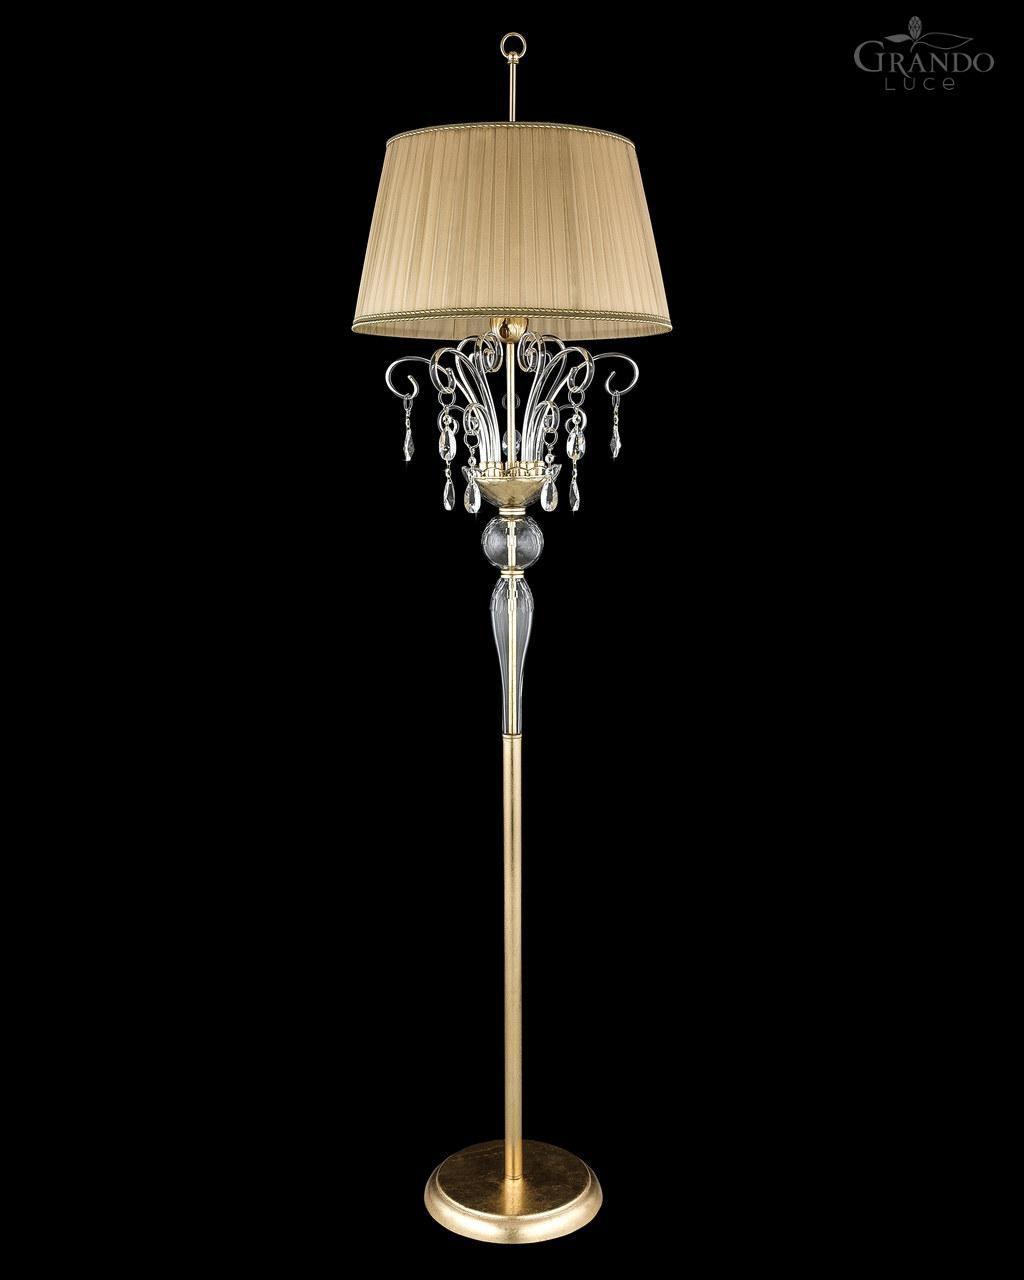 Full Size of Kristall Stehlampe Stehleuchte Klassisch Metall Mit Swarovski Wohnzimmer Schlafzimmer Stehlampen Wohnzimmer Kristall Stehlampe